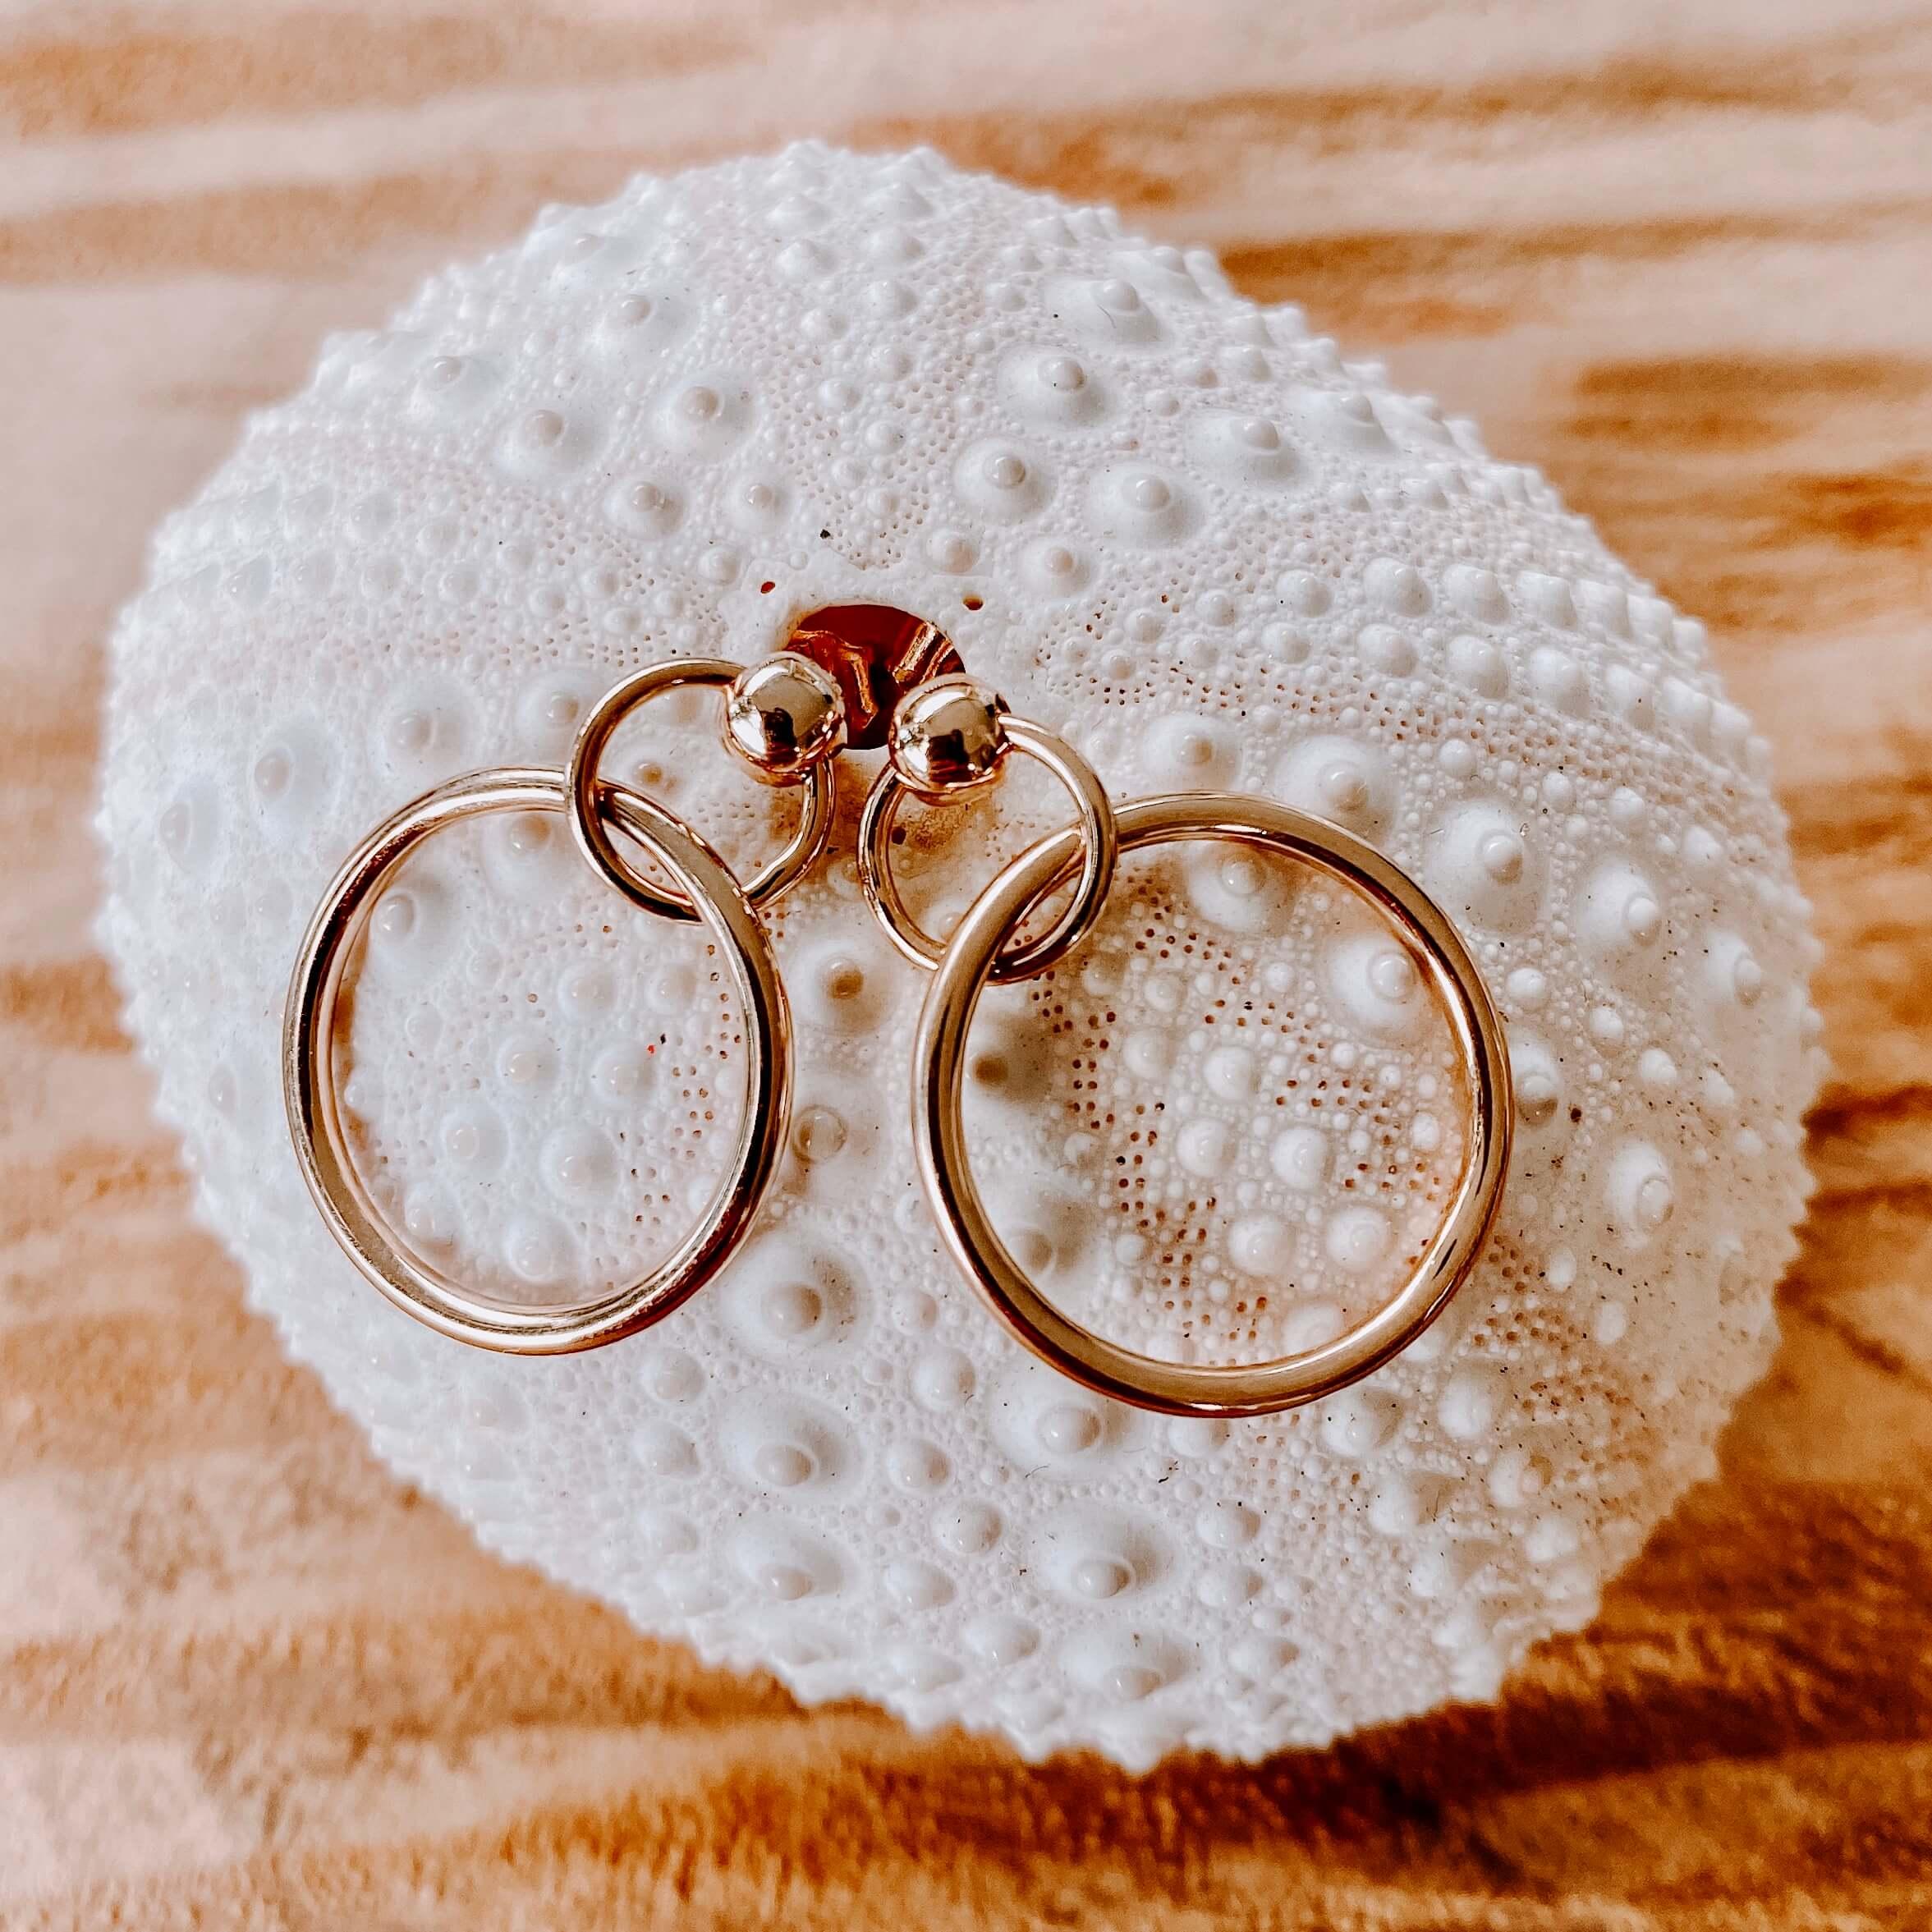 boucles d'oreilles St Kitts - boucles plaqué or garanties 1 an - Cénélia